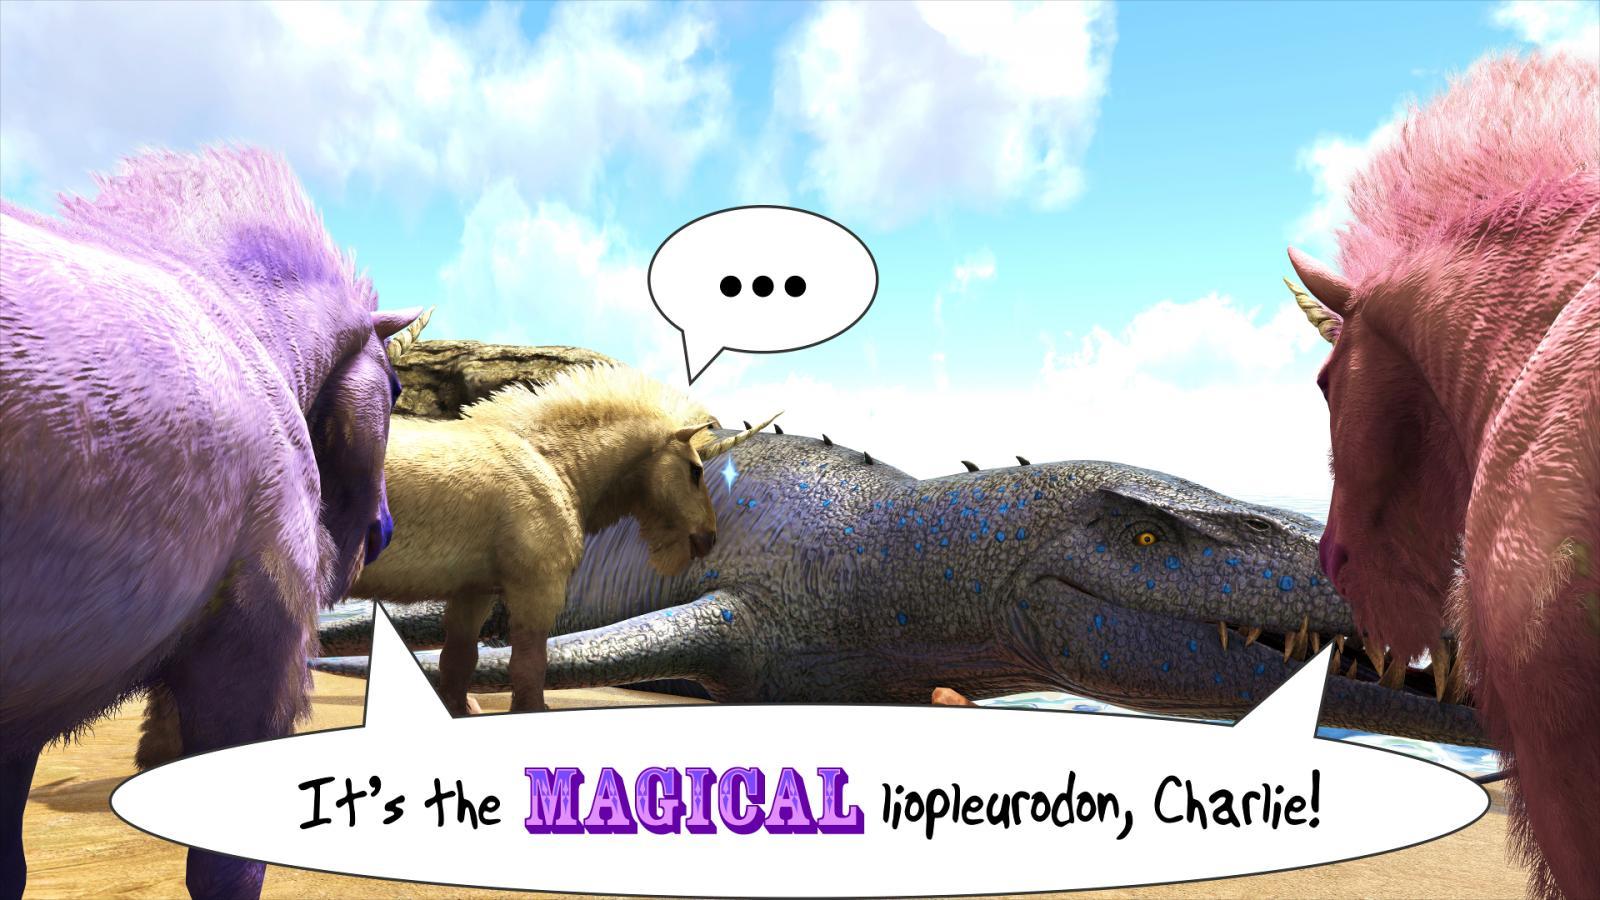 large.59175fb046e4f_Starwolf23-MagicalLiopleurodon!sta.jpg